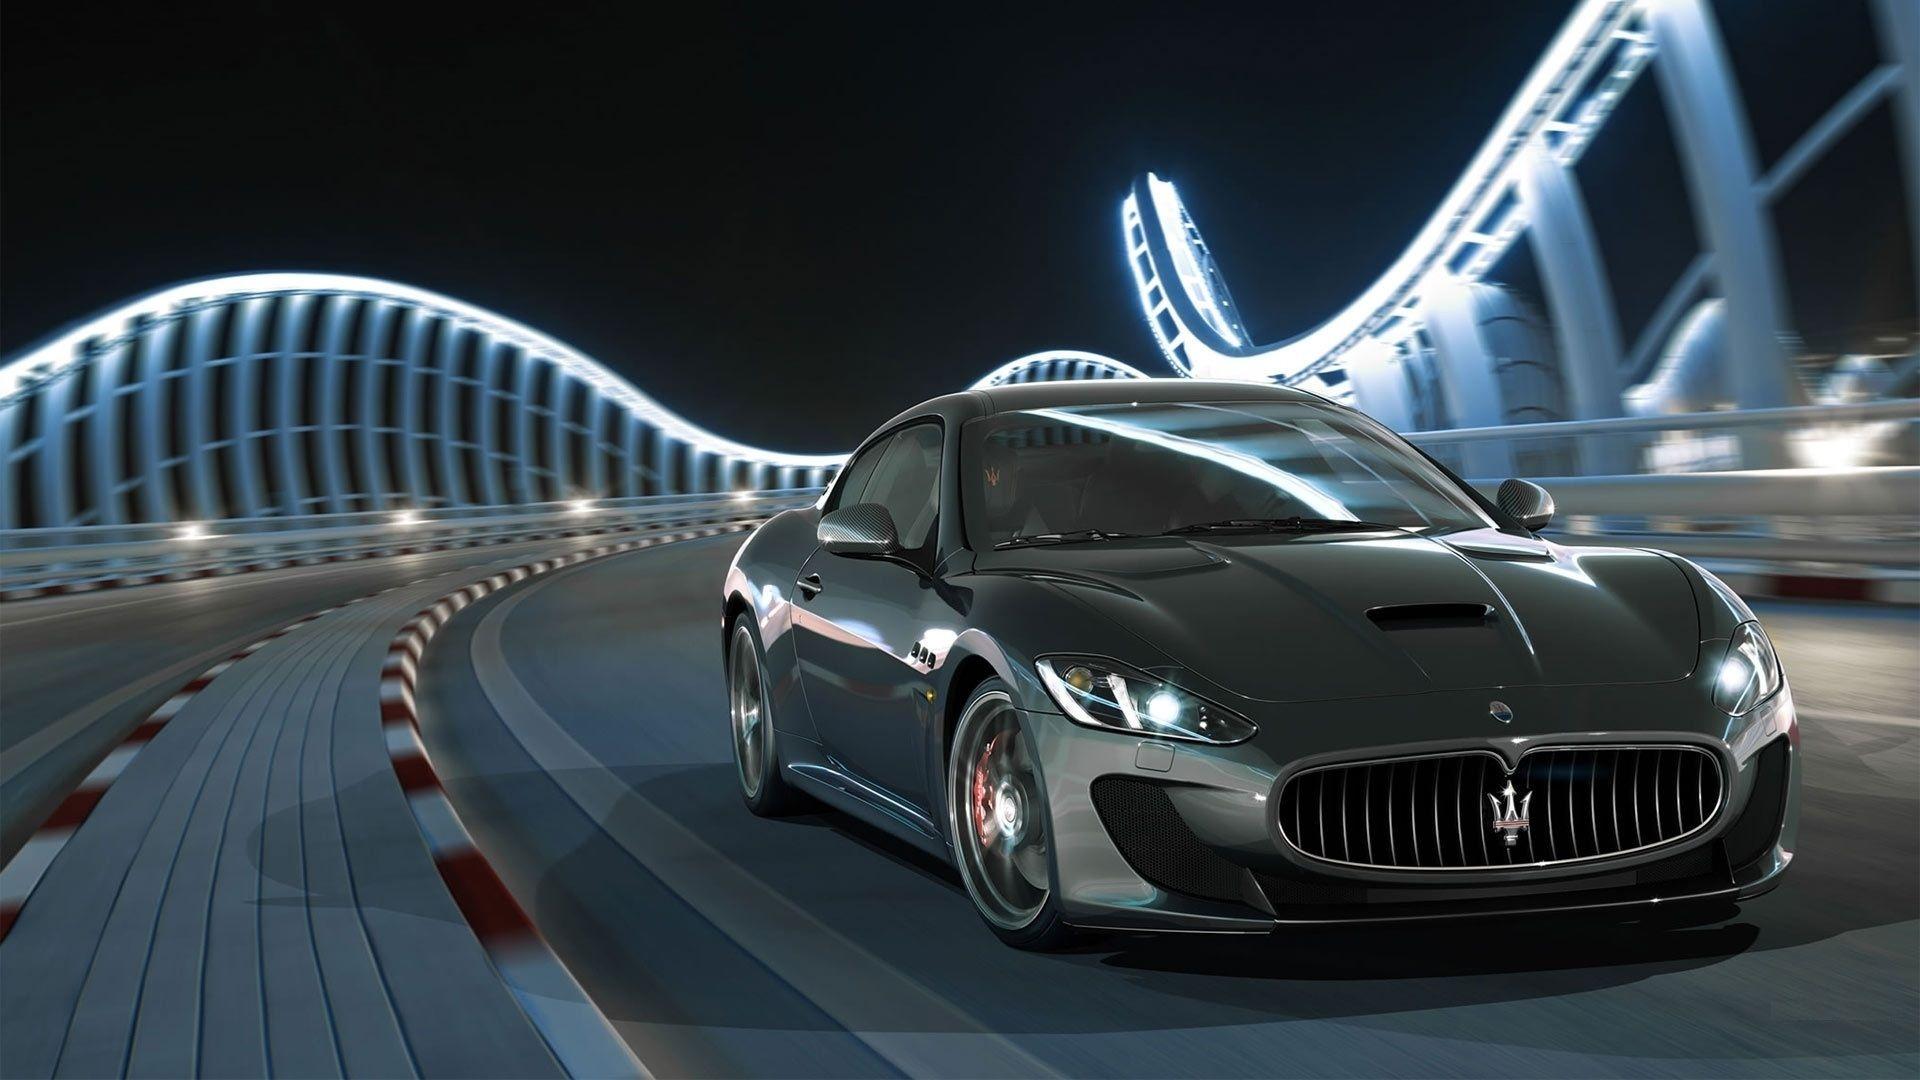 Maserati Granturismo Black Wallpaper